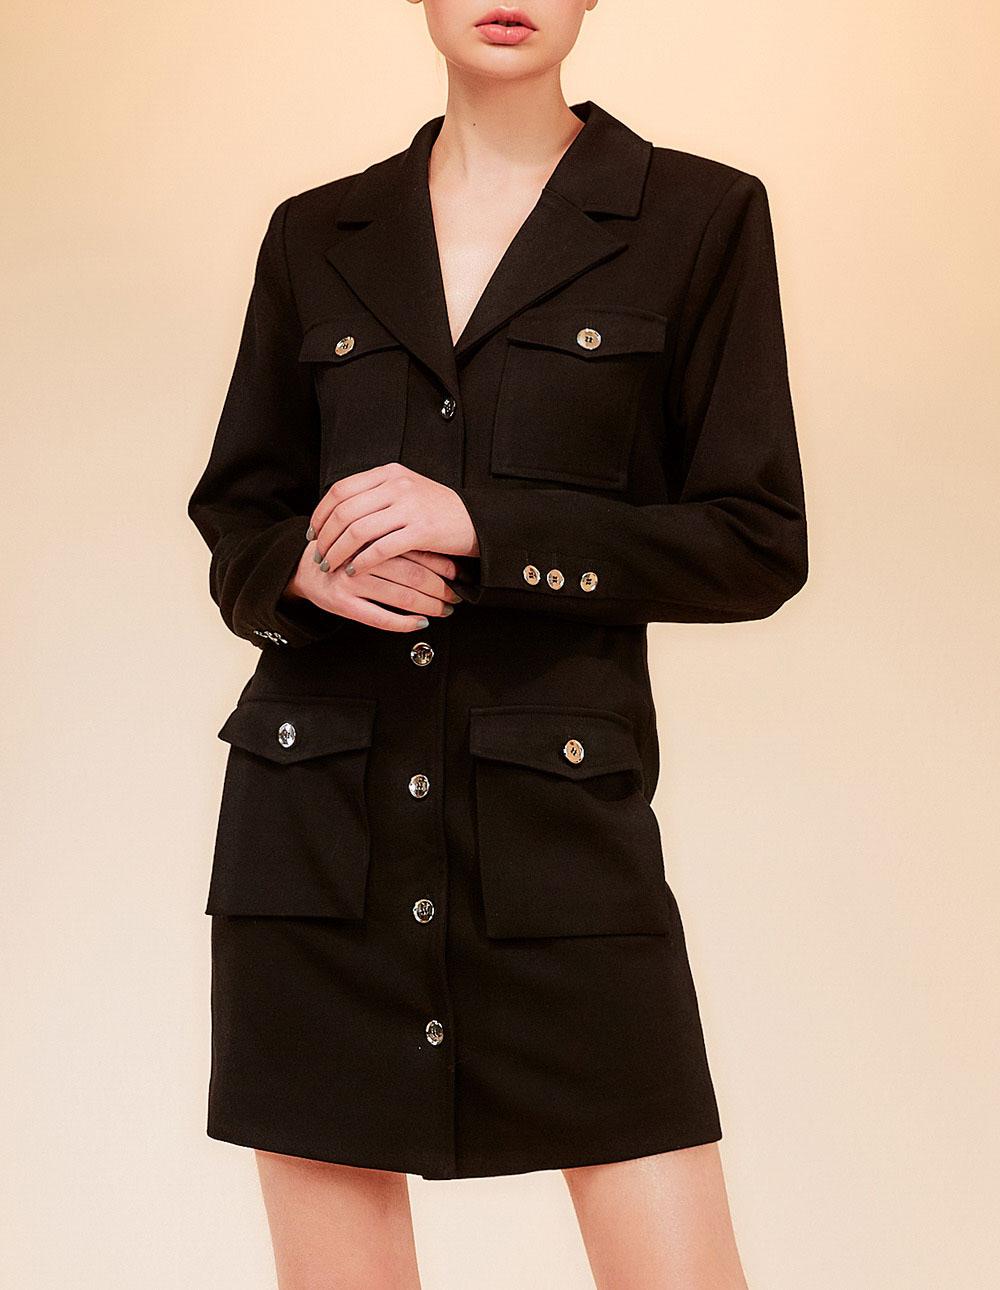 洋裝式長版西裝外套